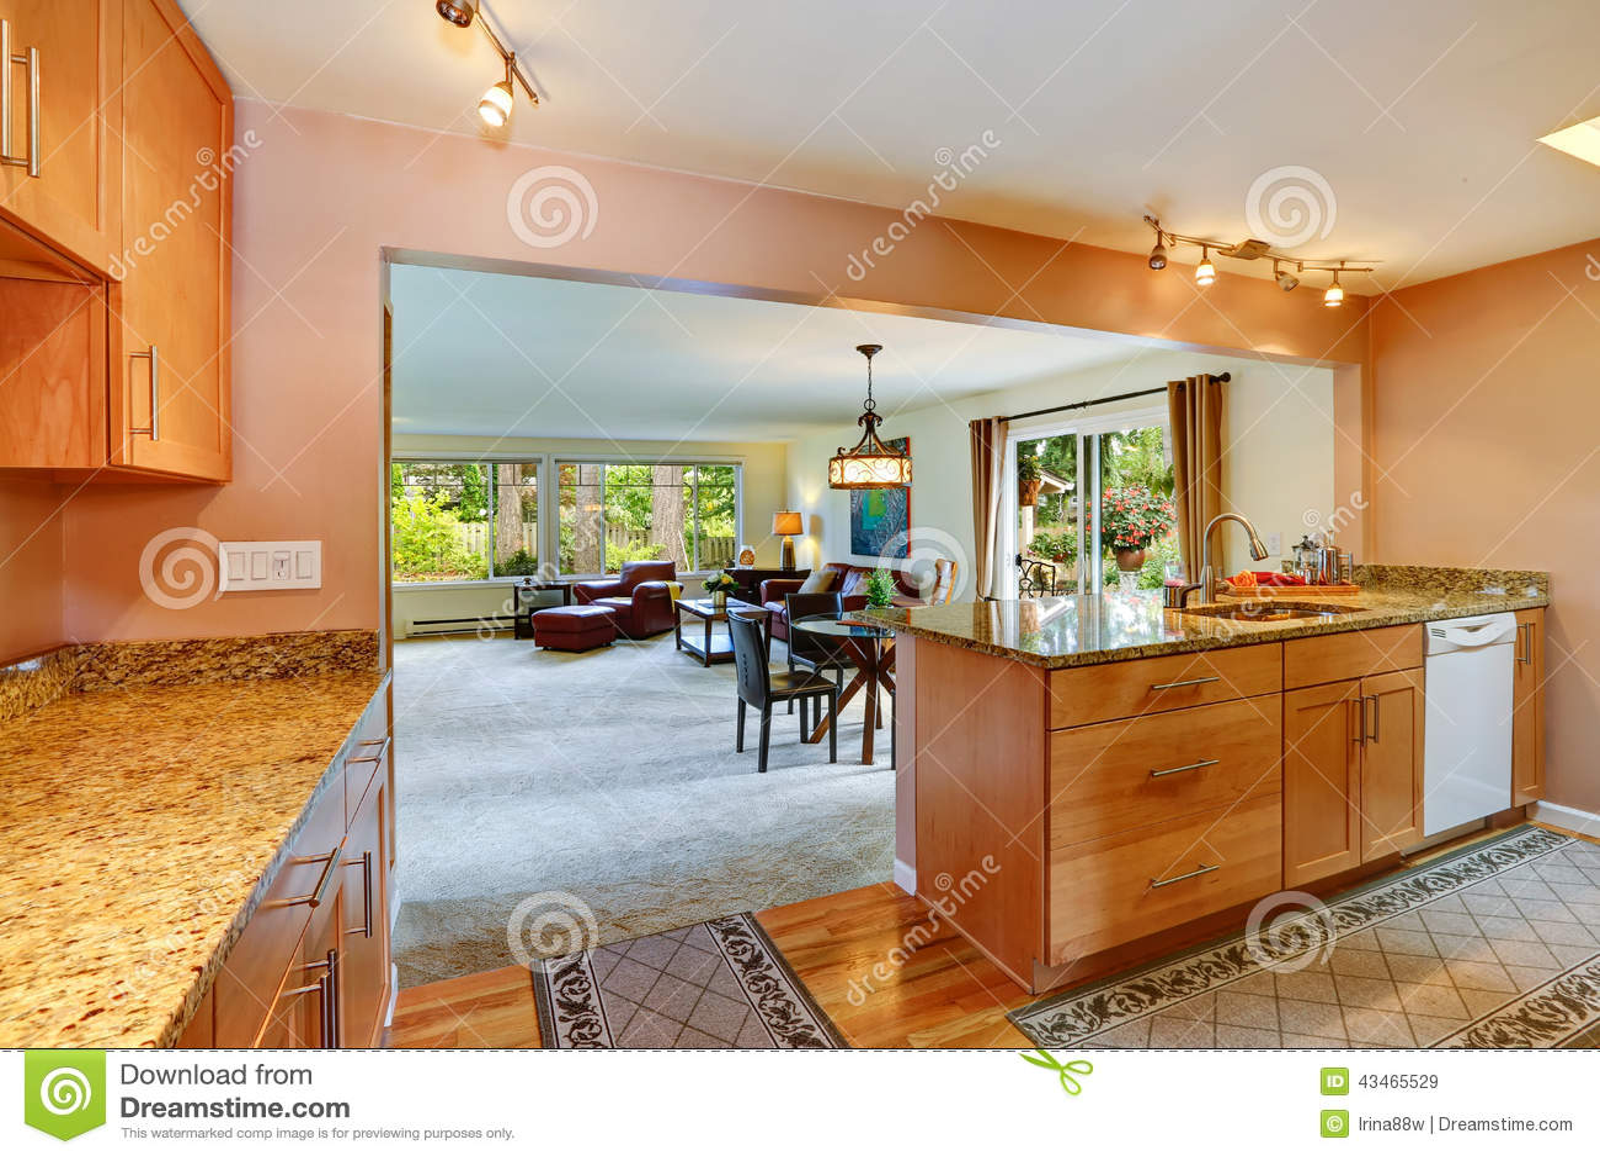 Huisbinnenland met open vloerplan keukengebied stock afbeelding